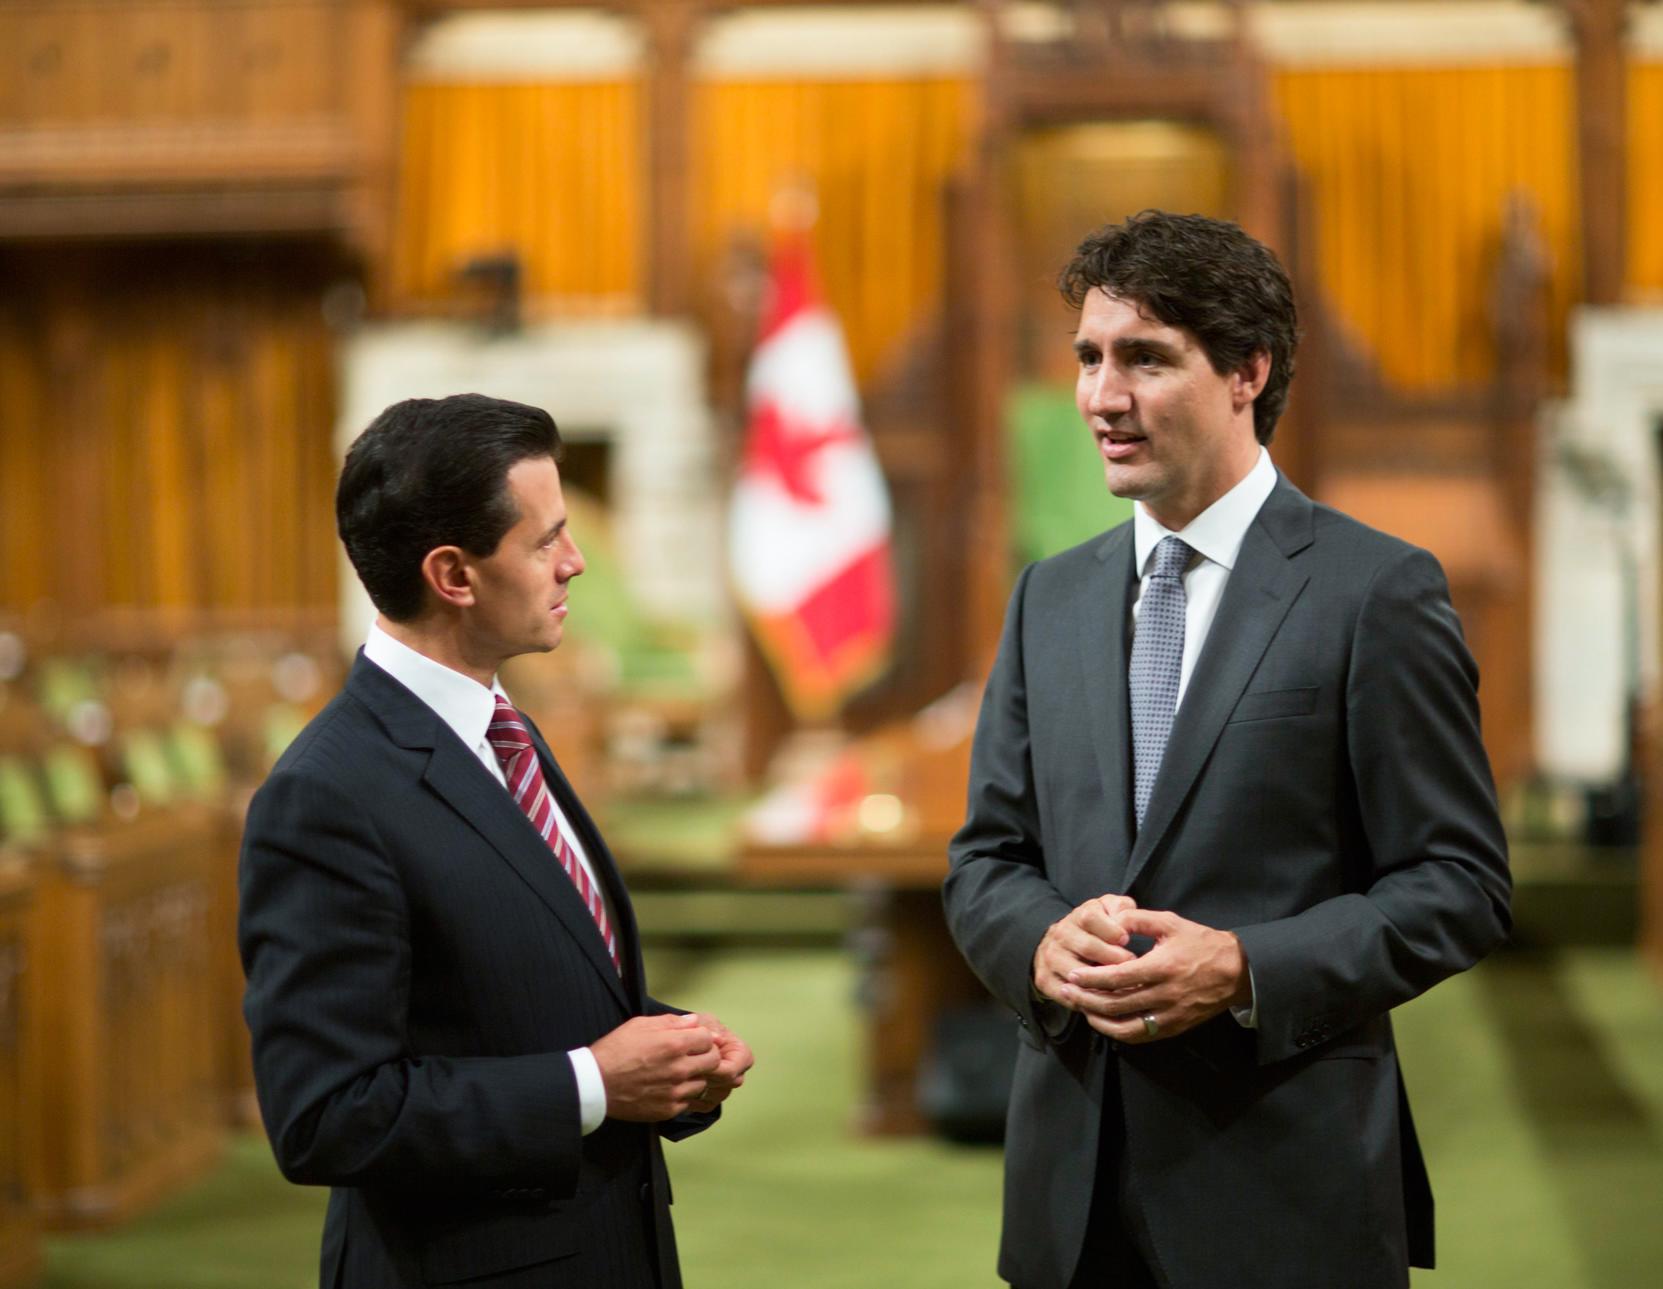 El Primer Mandatario conversa con el Primer Ministro, Justin Trudeau.